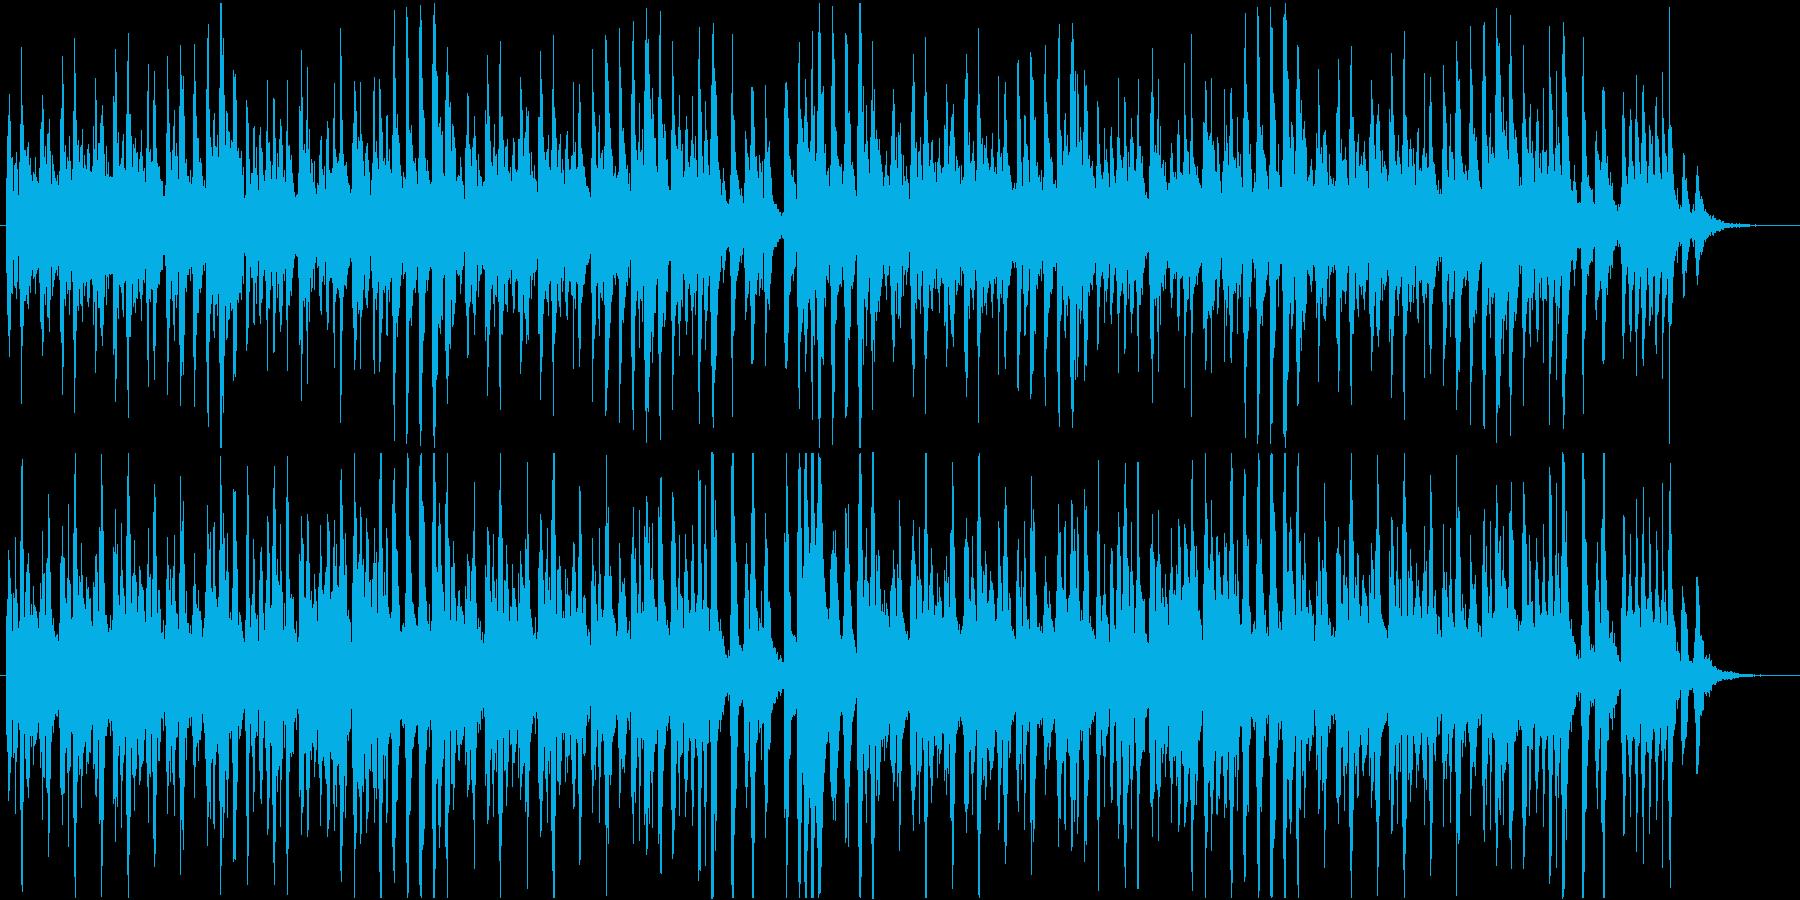 いたずらっ子が逃げ回るオケ曲の再生済みの波形